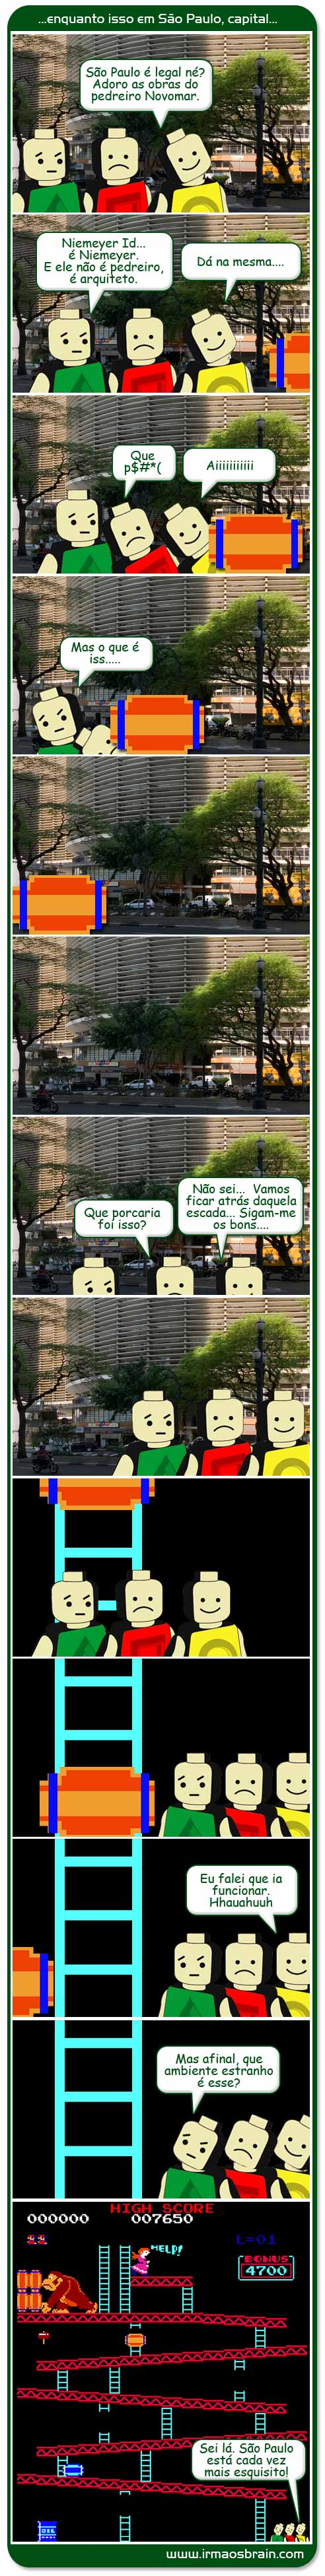 São Paulo é legal né? Adoro as obras do pedreiro Novomar, Niemeyer Id, é niemeyer. E ele não é pedreiro, é arquiteto Dá na mesma... que porra aiiiiiiii mas o que é isso? Que porcaria foi isso? Não sei... vamos ficar atrás daquela escada... Sigam-me os bons... Eu falei que ia funcionar hauahahuhuuhhu Mas afinal, que ambiente estranho é esse? Sei lá. São Paulo está cada vez mais esquisito!